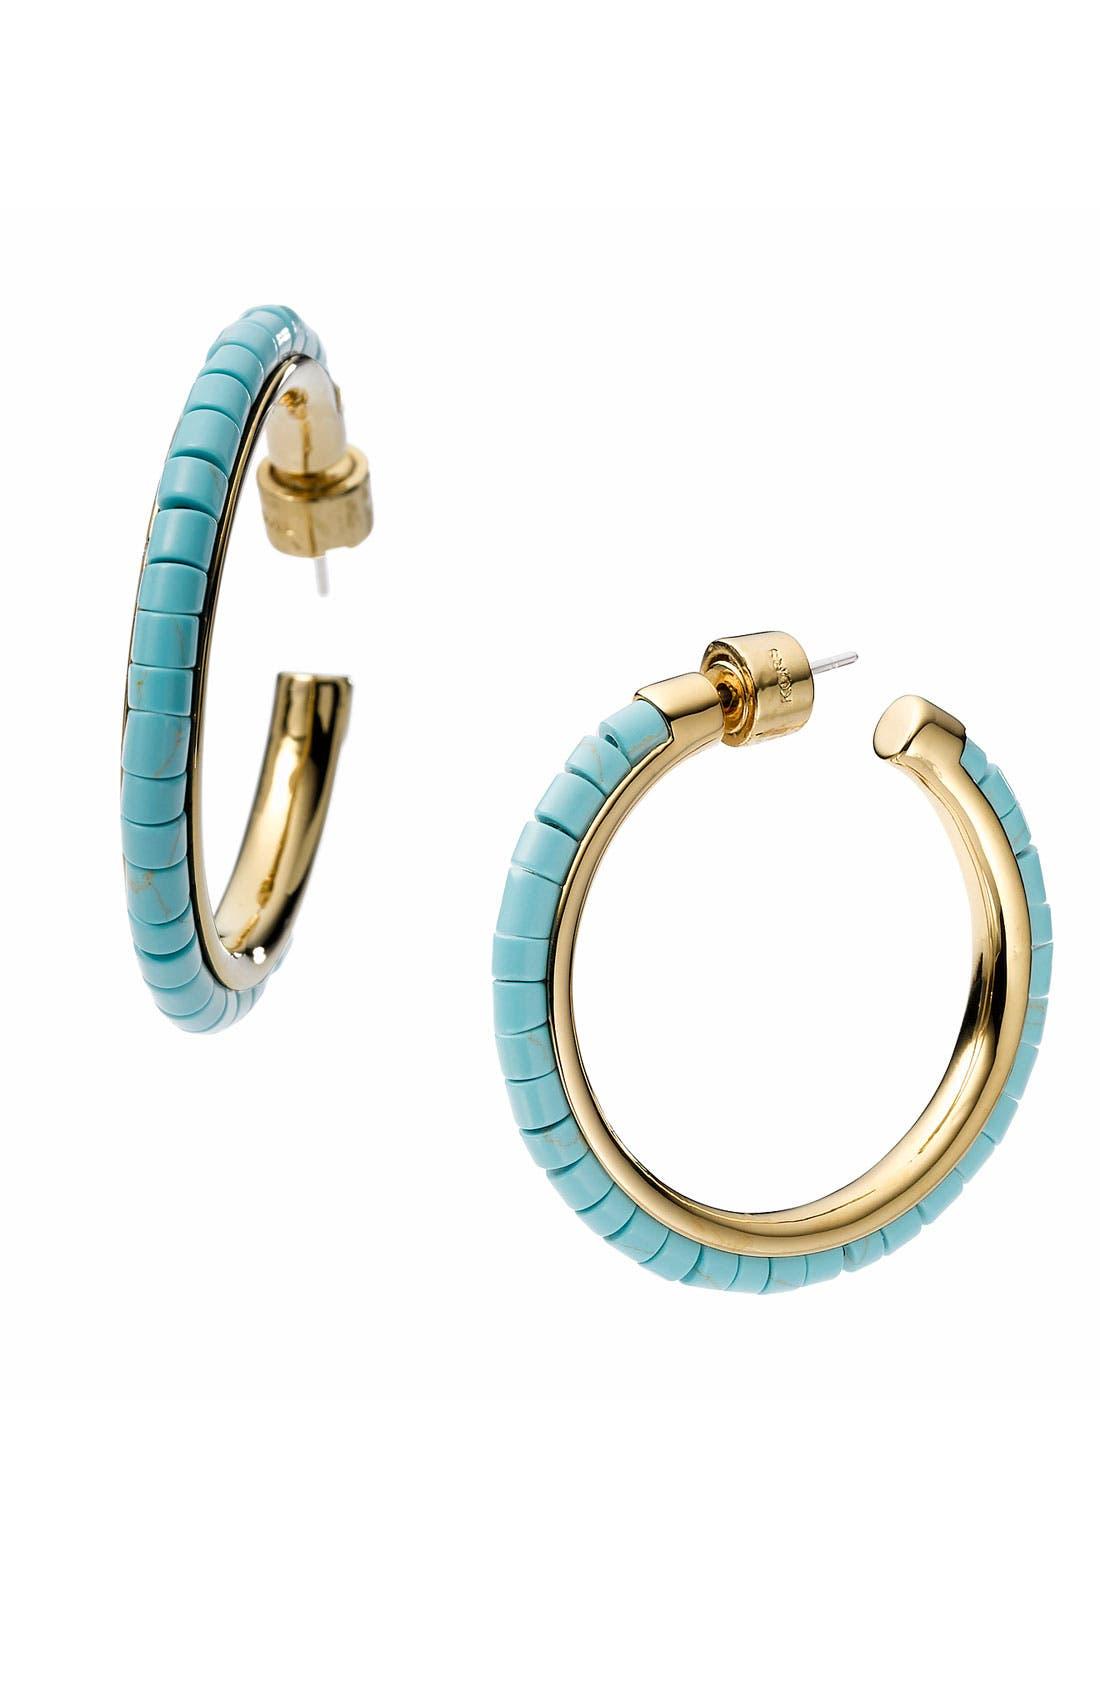 Alternate Image 1 Selected - Michael Kors 'Sleek Exotics' Medium Bead Hoop Earrings